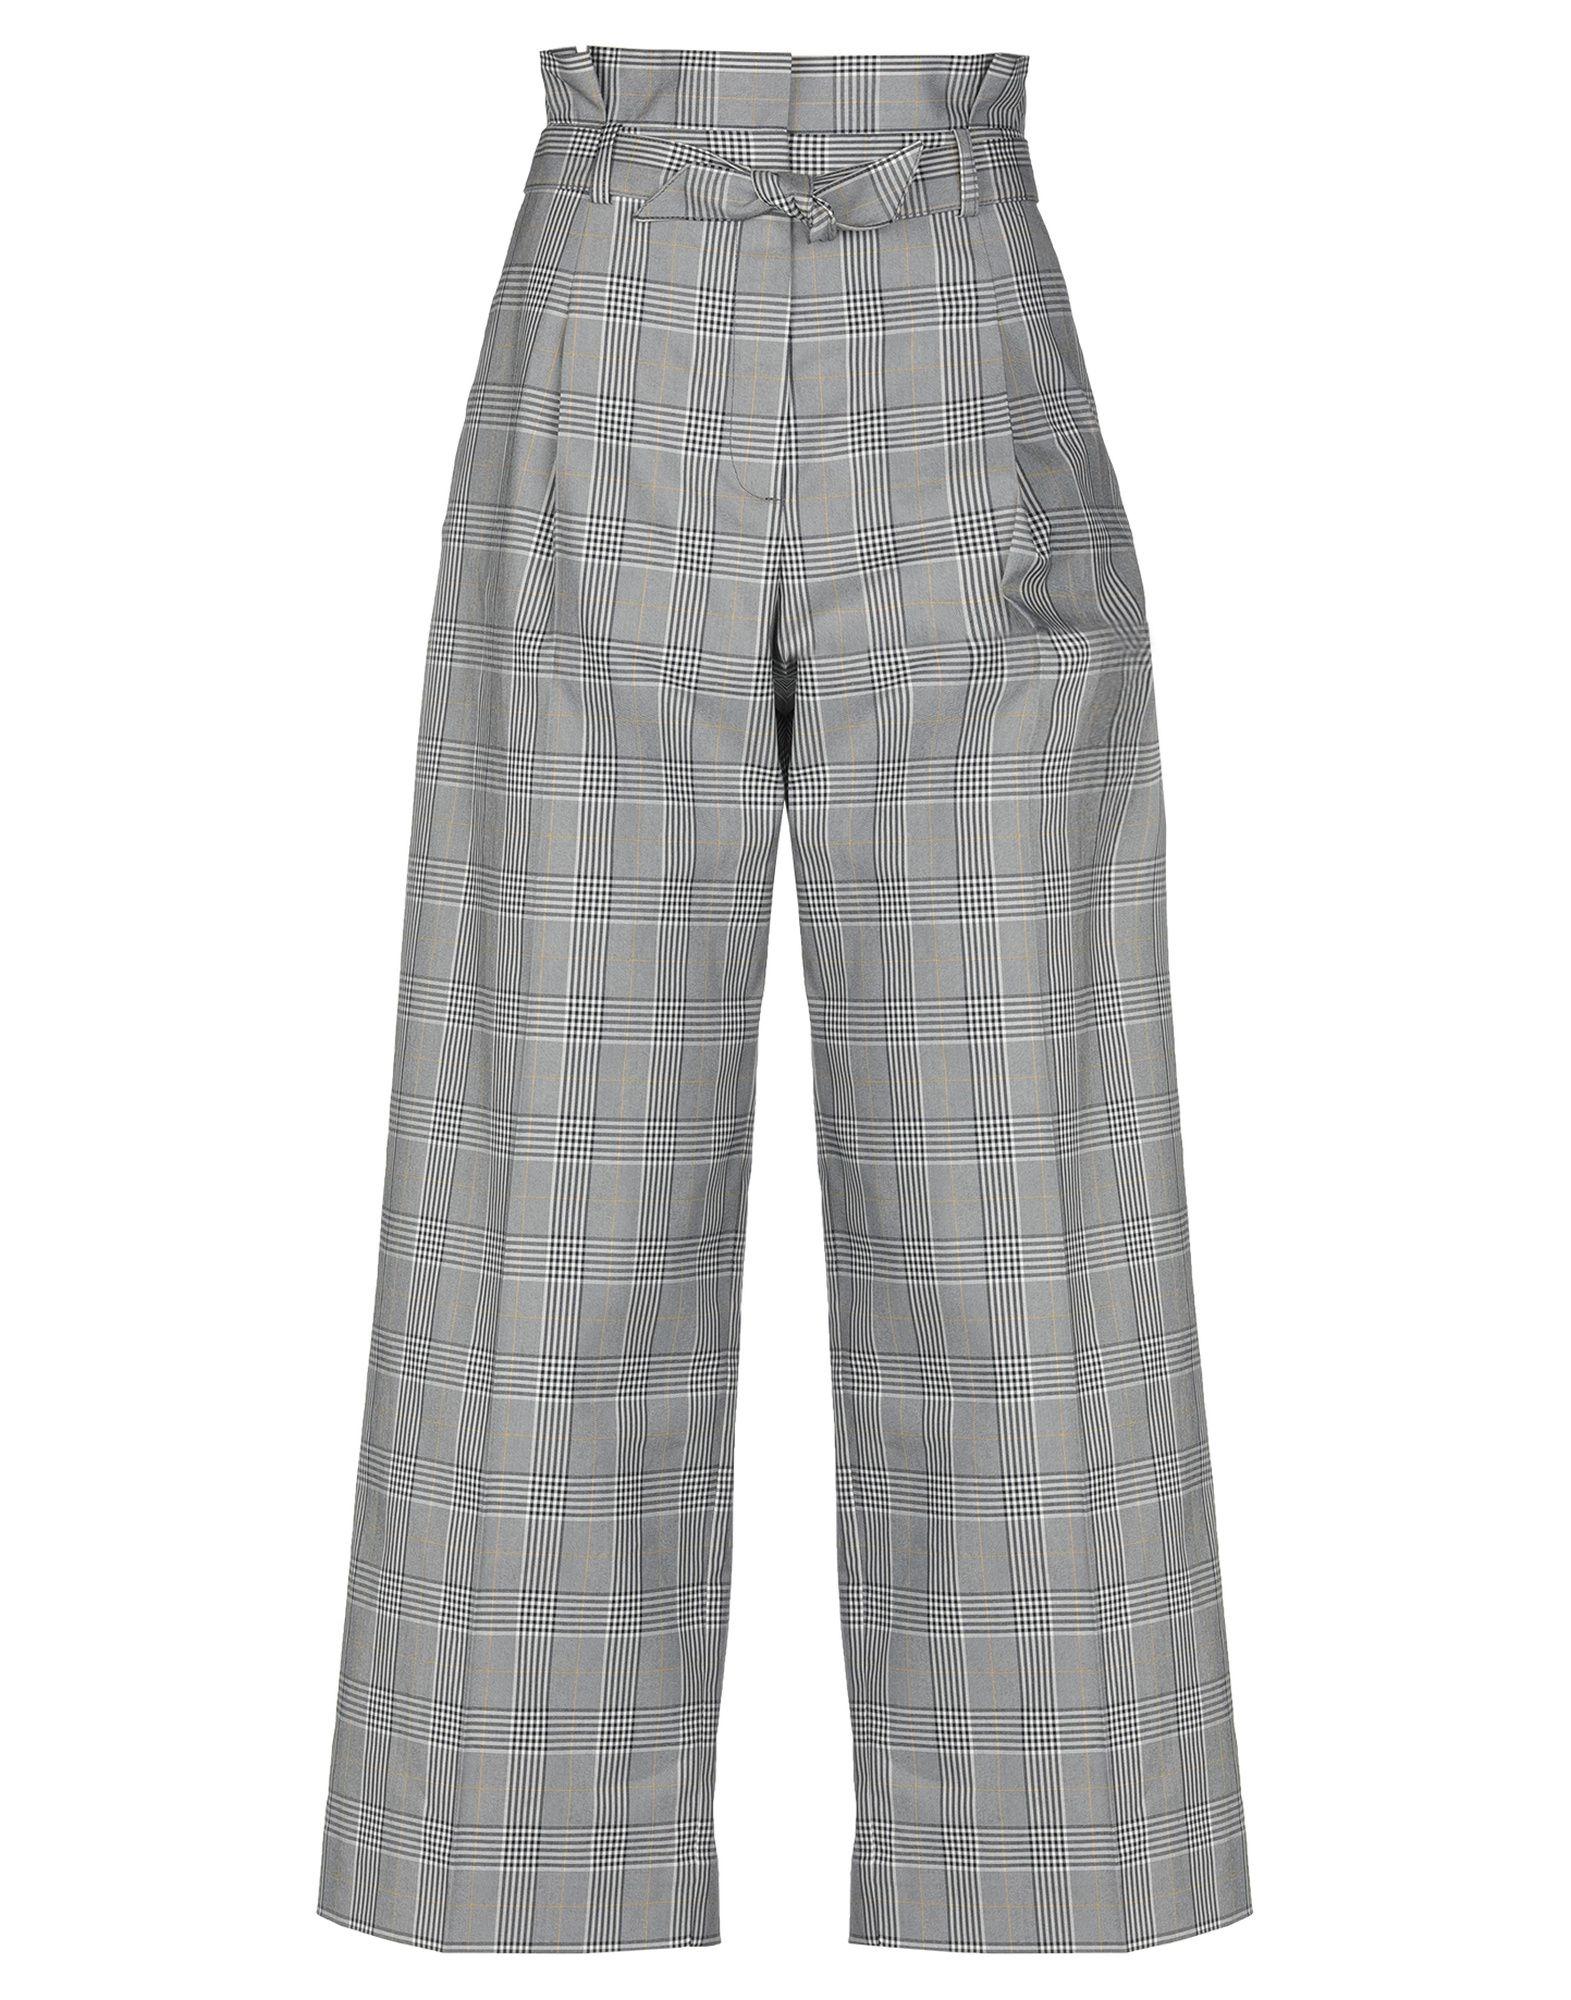 BAUM UND PFERDGARTEN Повседневные брюки baum und pferdgarten юбка длиной 3 4